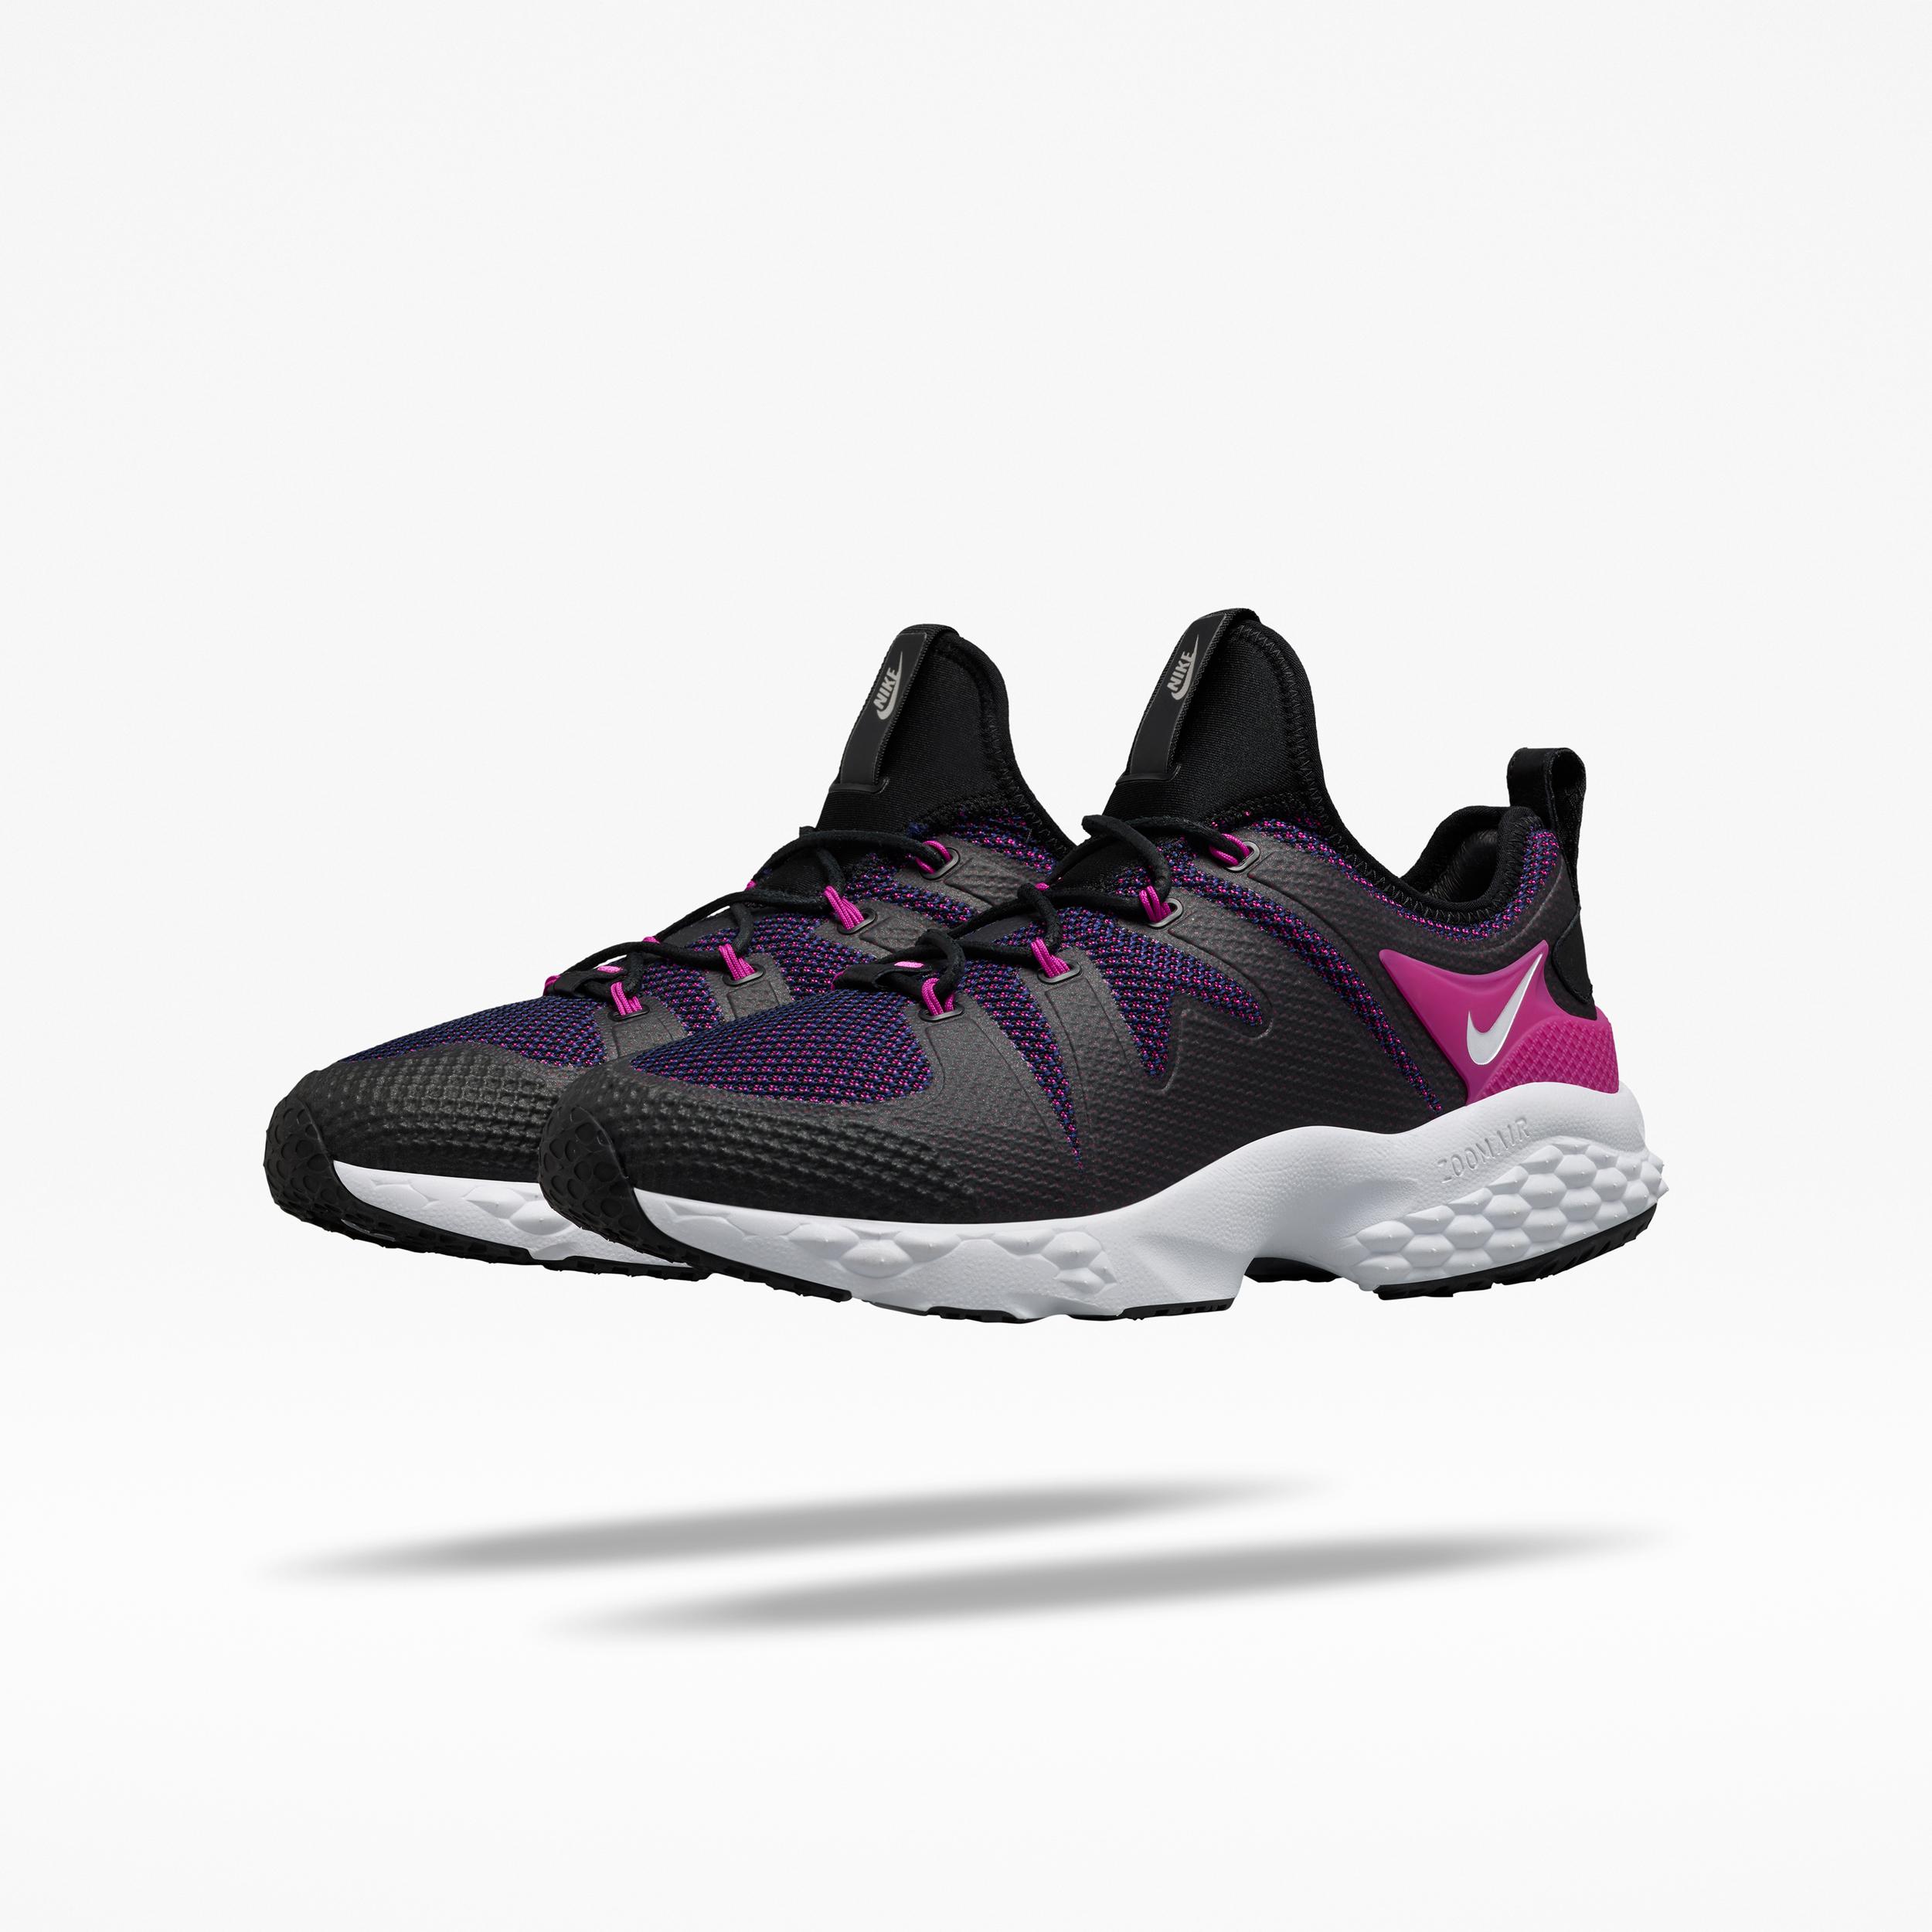 NikeLab_Air_Zoom_LWP_x_KJ_8_60322.jpg